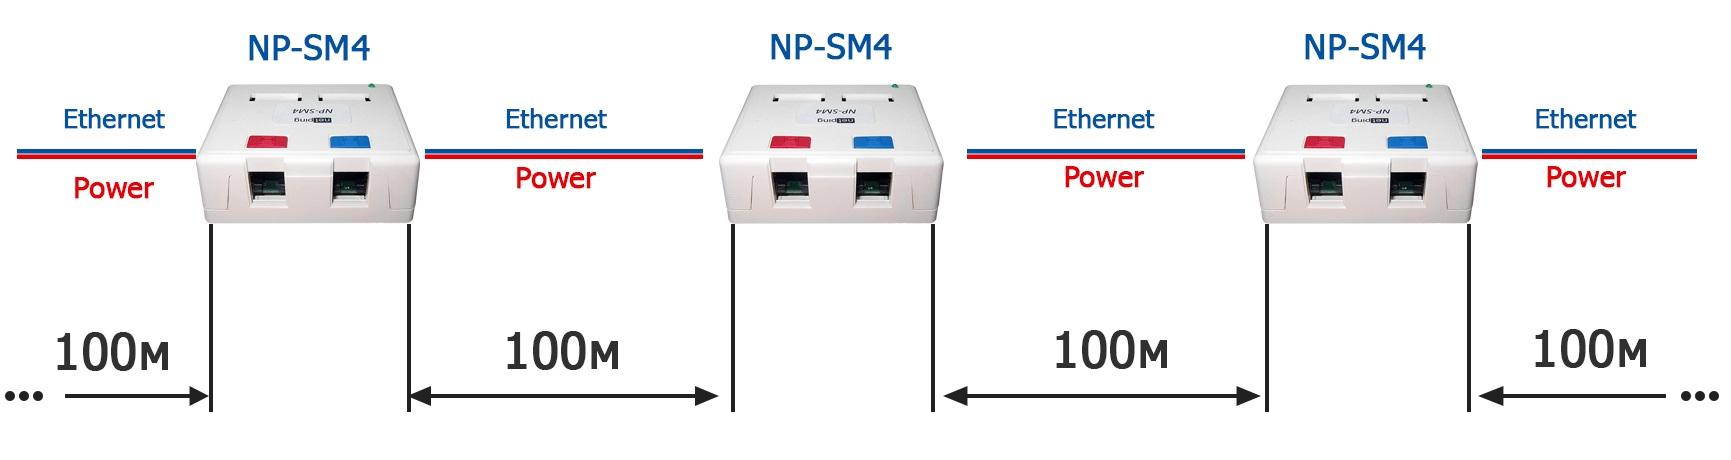 Для чего лучше всего использовать NP-SM4